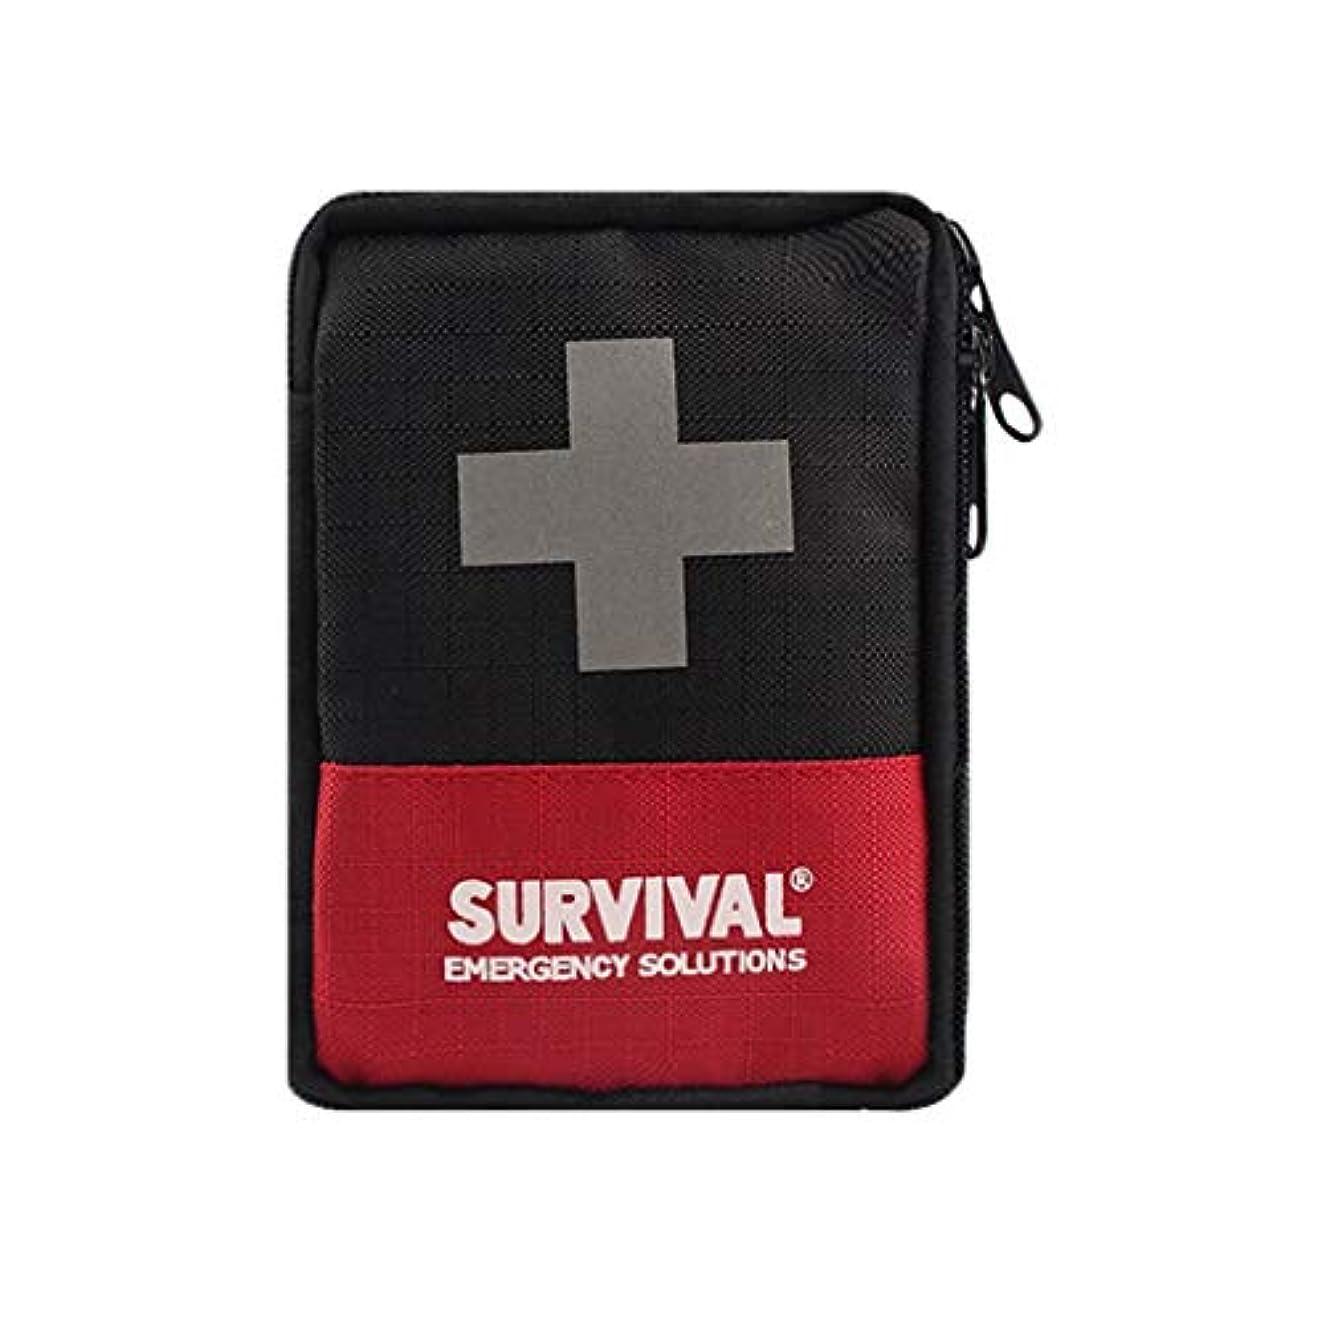 襲撃講義ホステスXJLXX ポータブル応急処置キット、家族用アウトドアメディシンバッグ、レッドウエストバッグ 医療箱